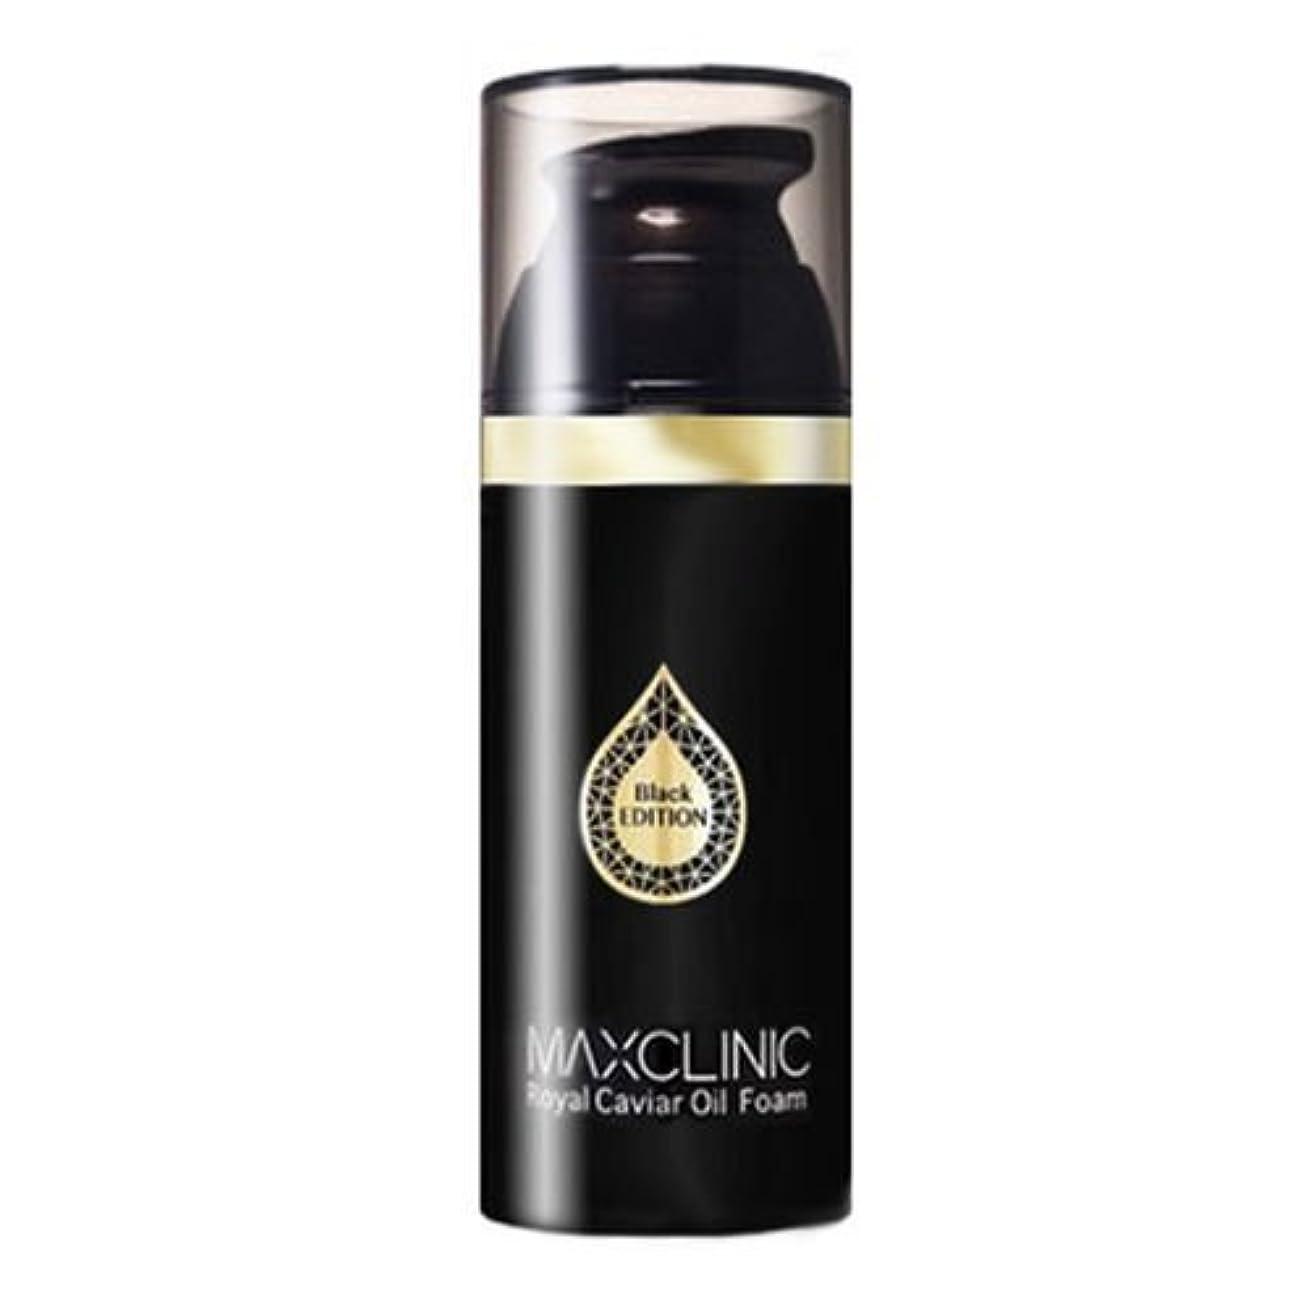 累積温室背骨マックスクリニック[韓国コスメMaxclinic]Royal Caviar Oil Foam Black Edition ロイヤルキャビアオイルフォームブラックエディション110ml [並行輸入品]